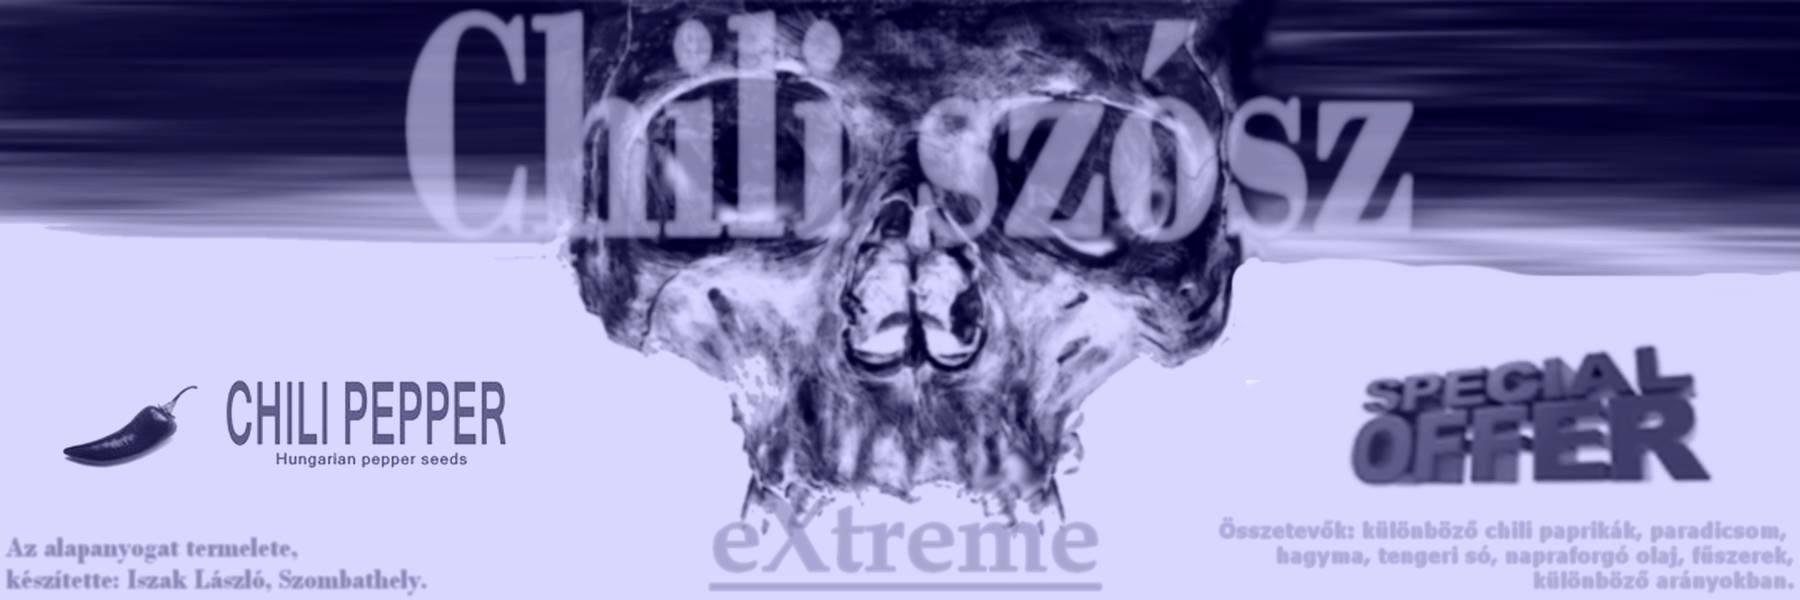 chili_sauce_extreme.jpg